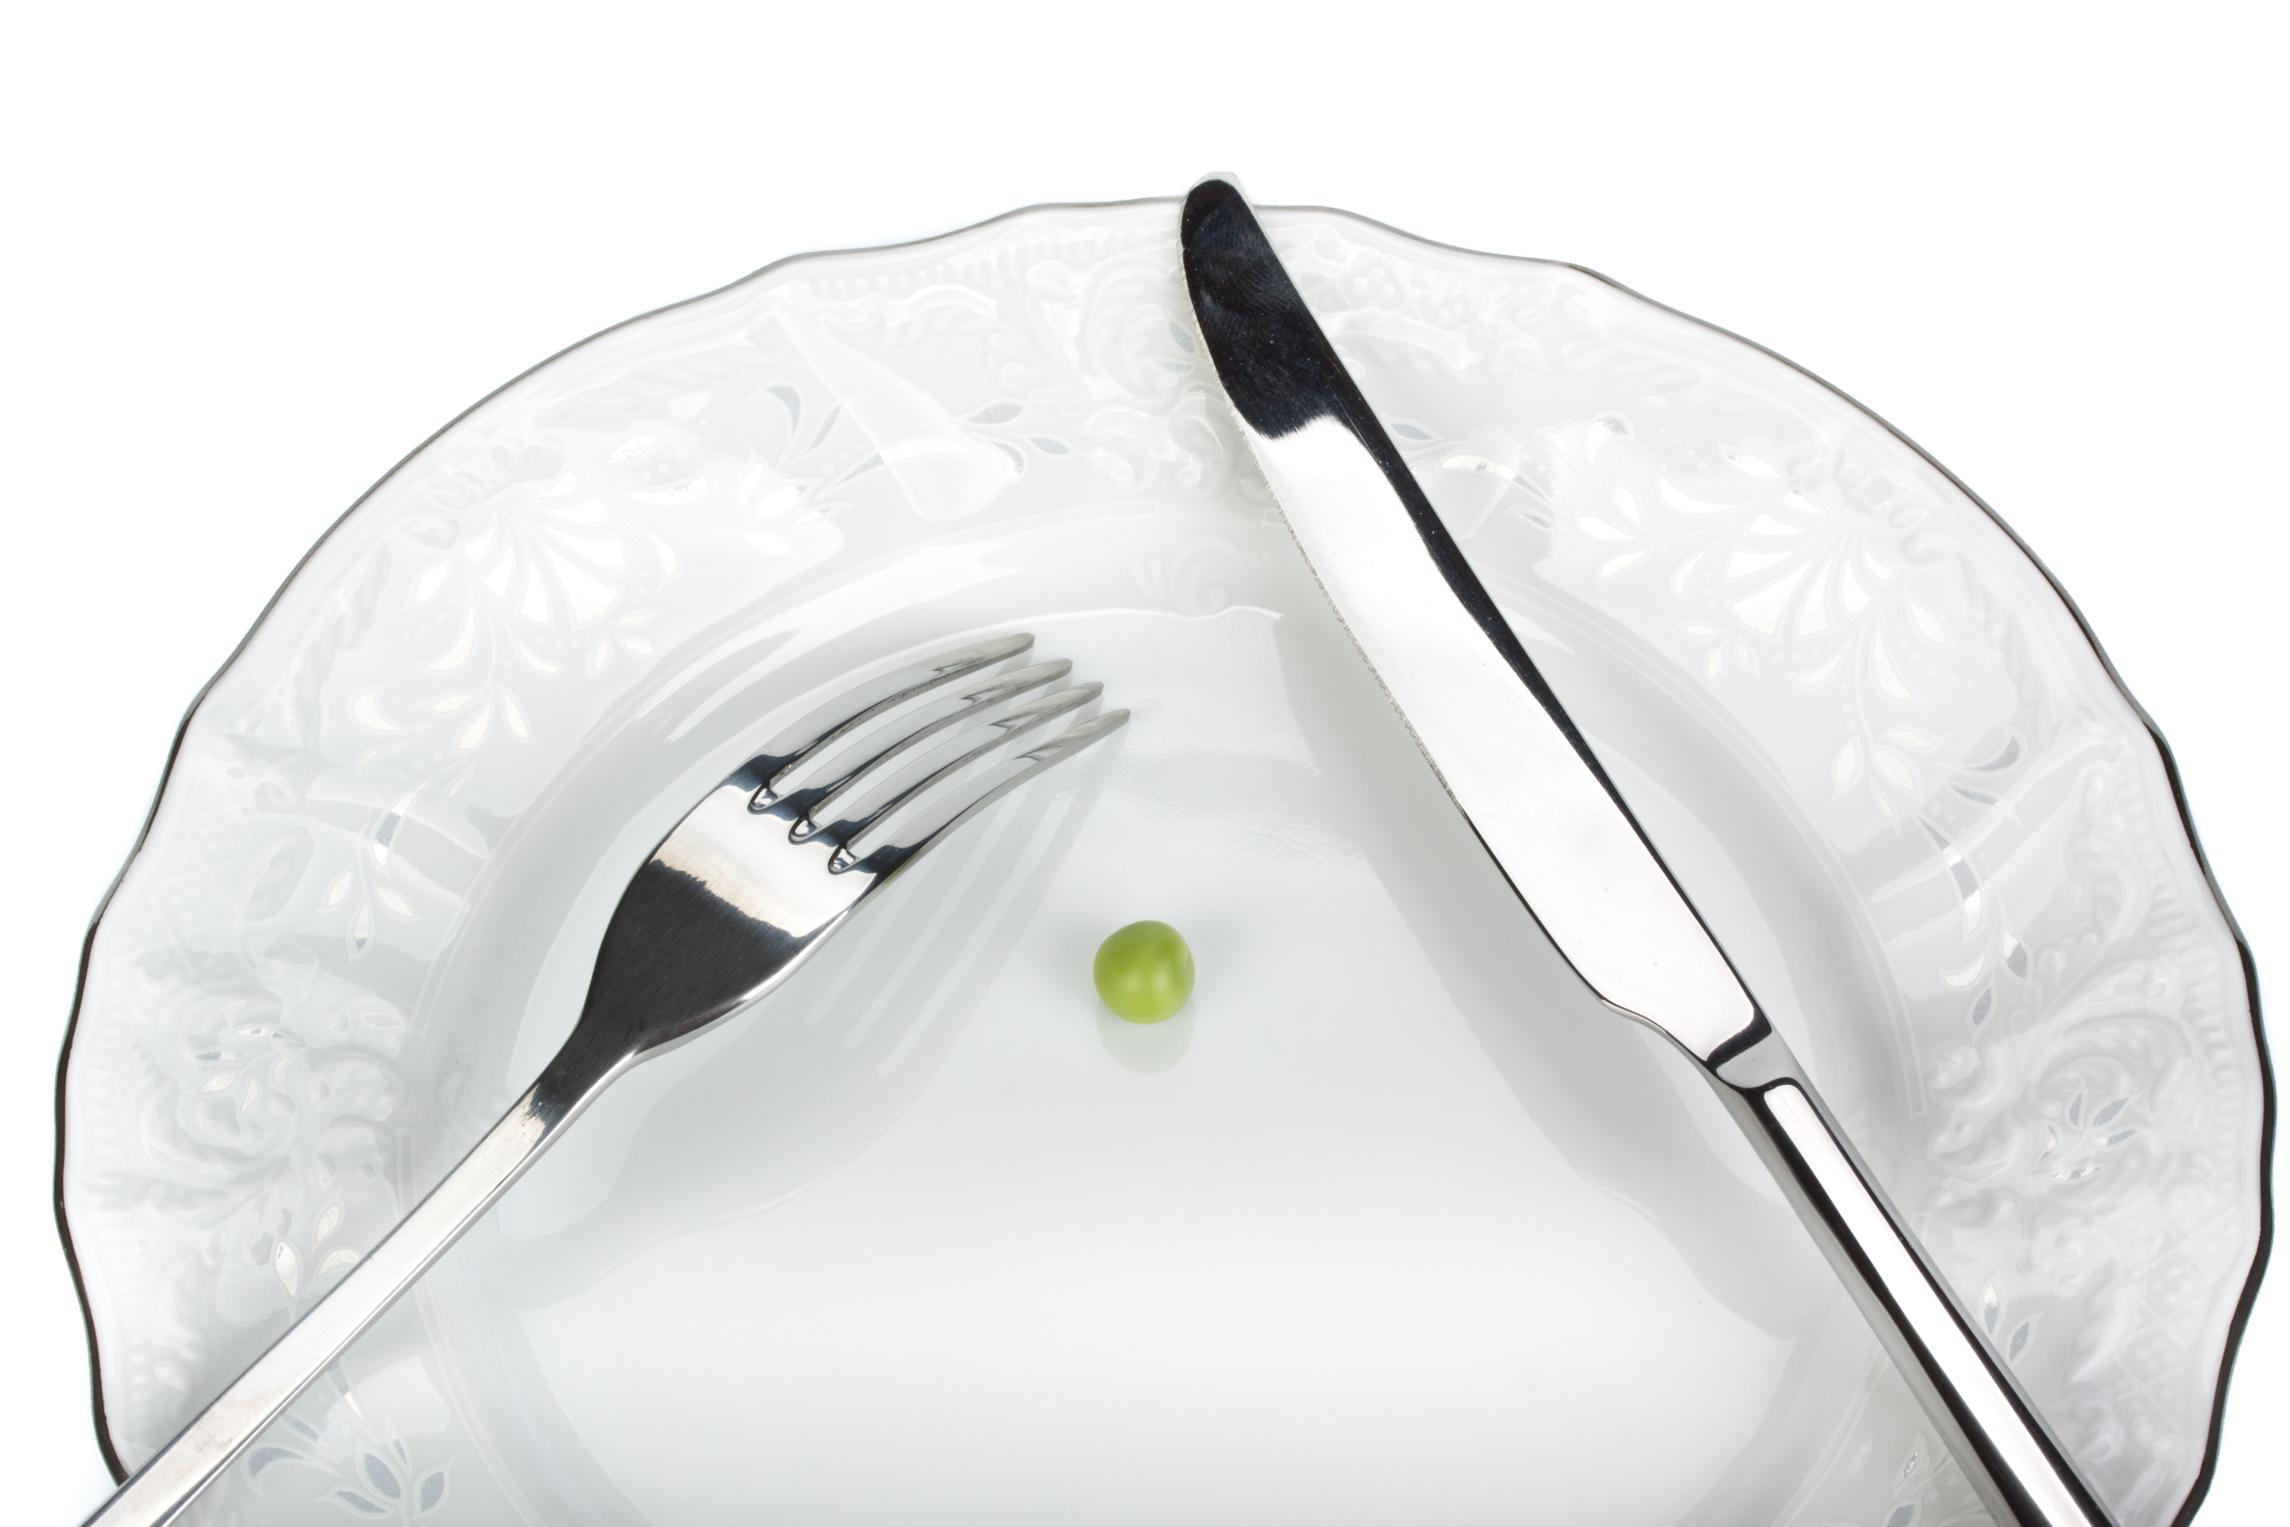 syömishäiriön oireet